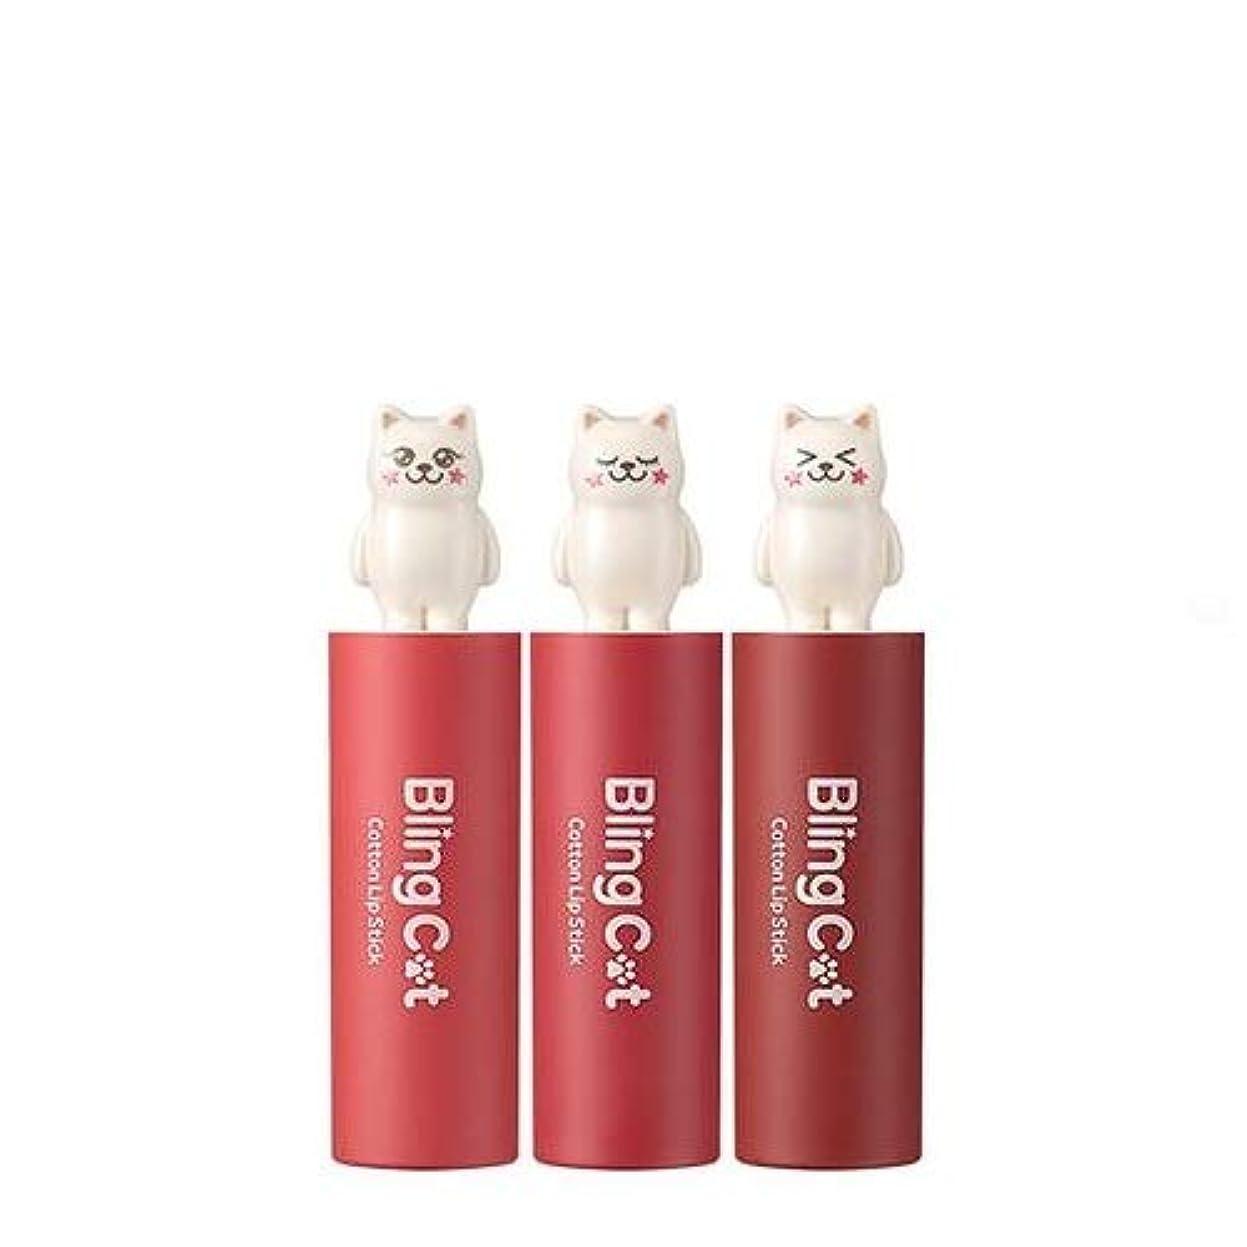 圧縮する蜜ポールトニーモリー ブリングキャット コットン リップスティック 3.4g / TONYMOLY Bling Cat Cotton Lipstick # 04. Little Coral [並行輸入品]